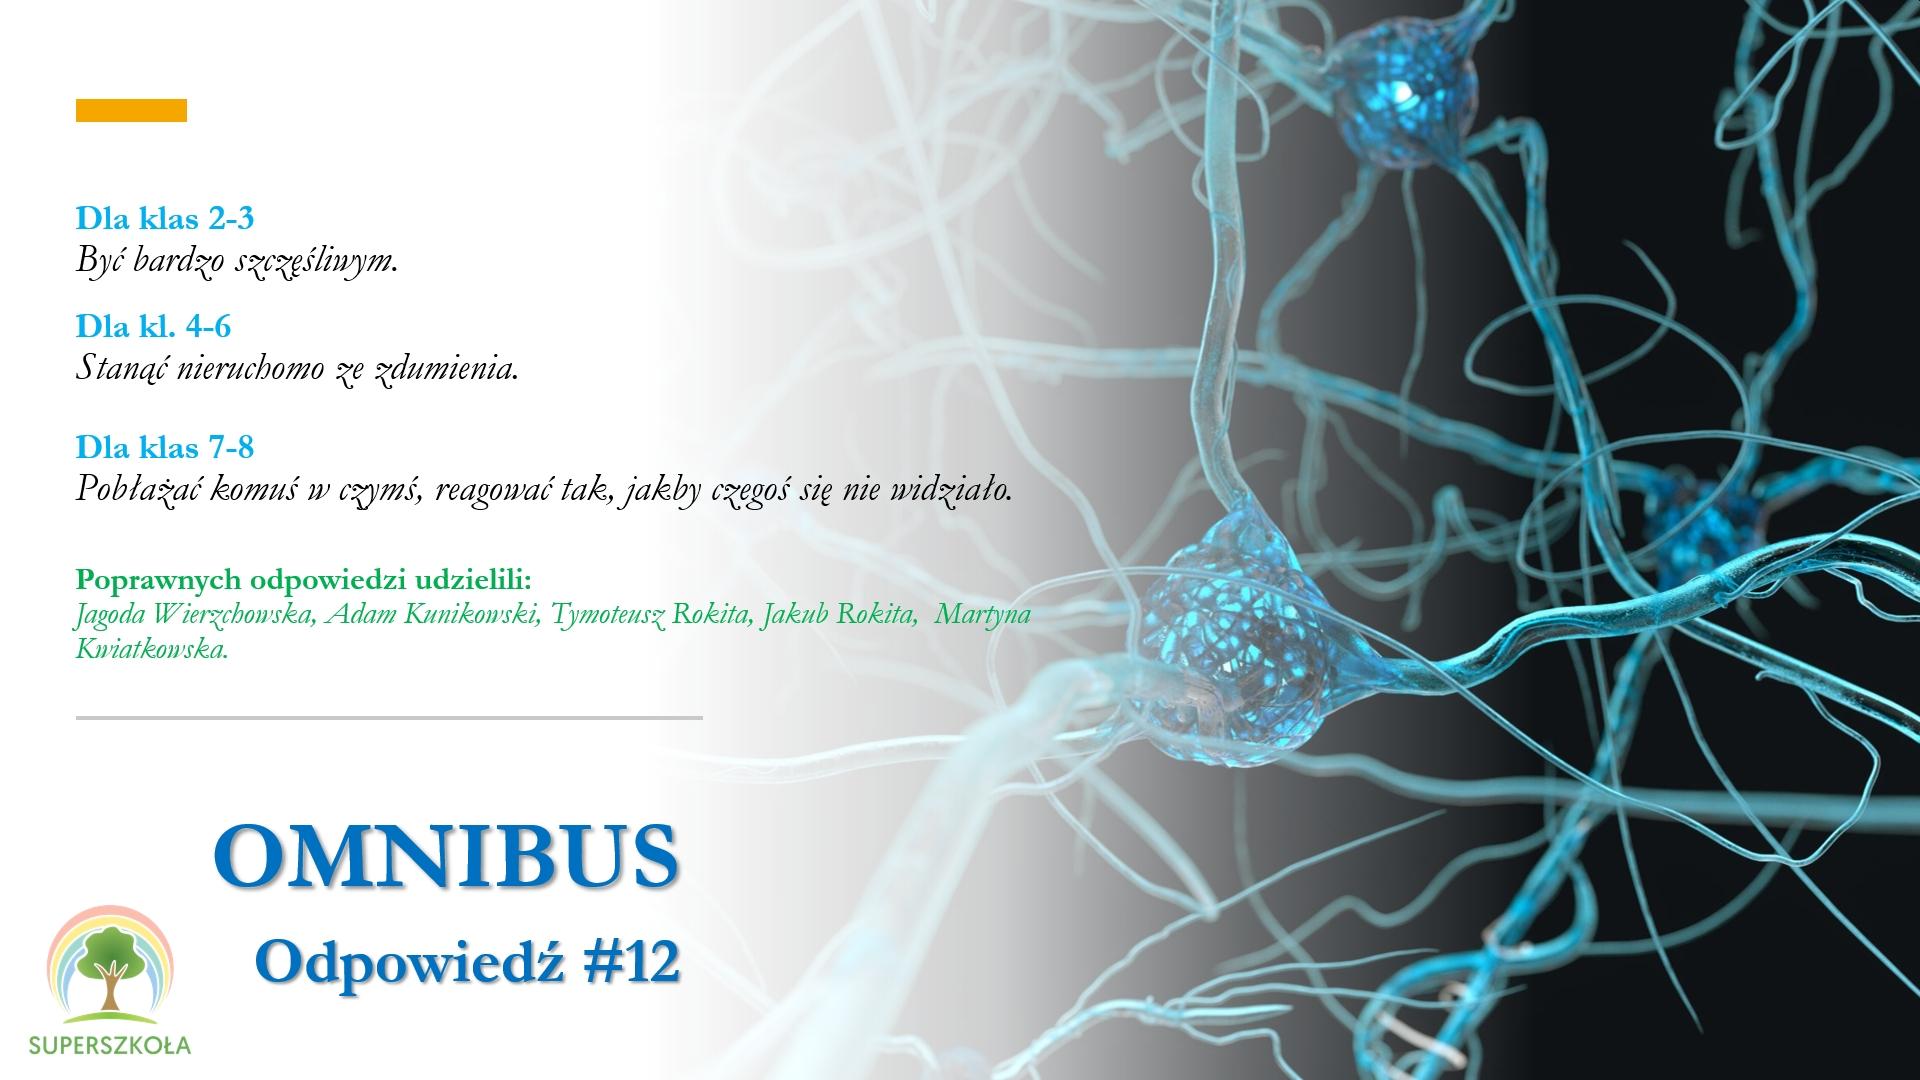 omnibus_odp_12